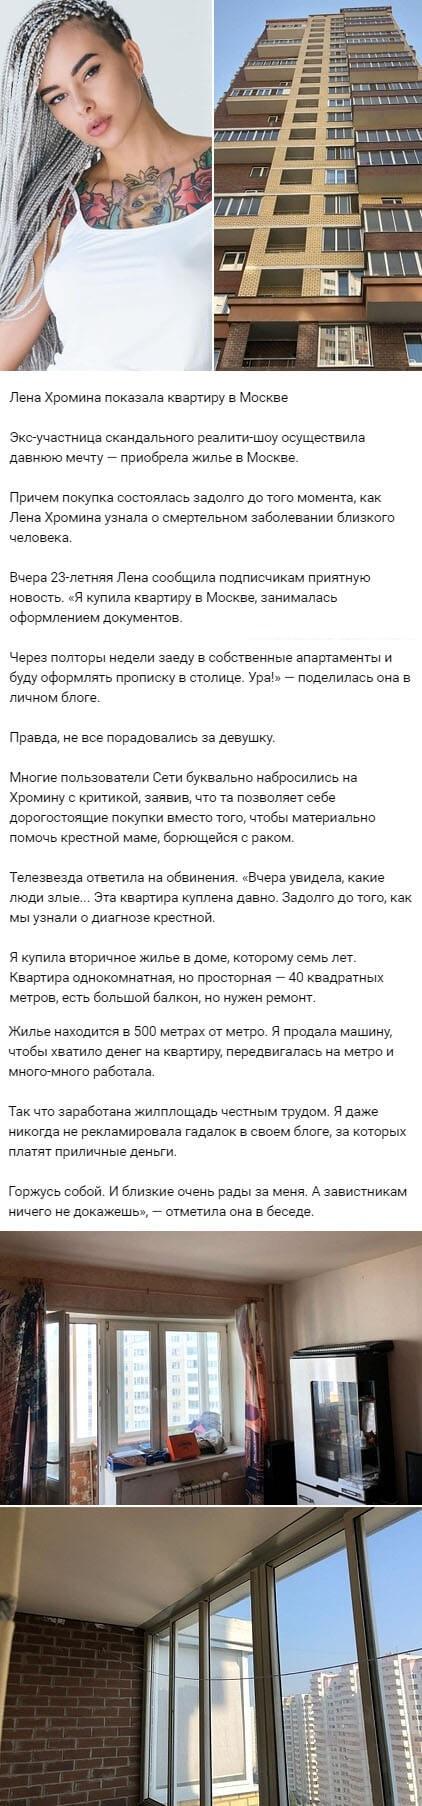 Елена Хромина купила квартиру и готовится к переезду